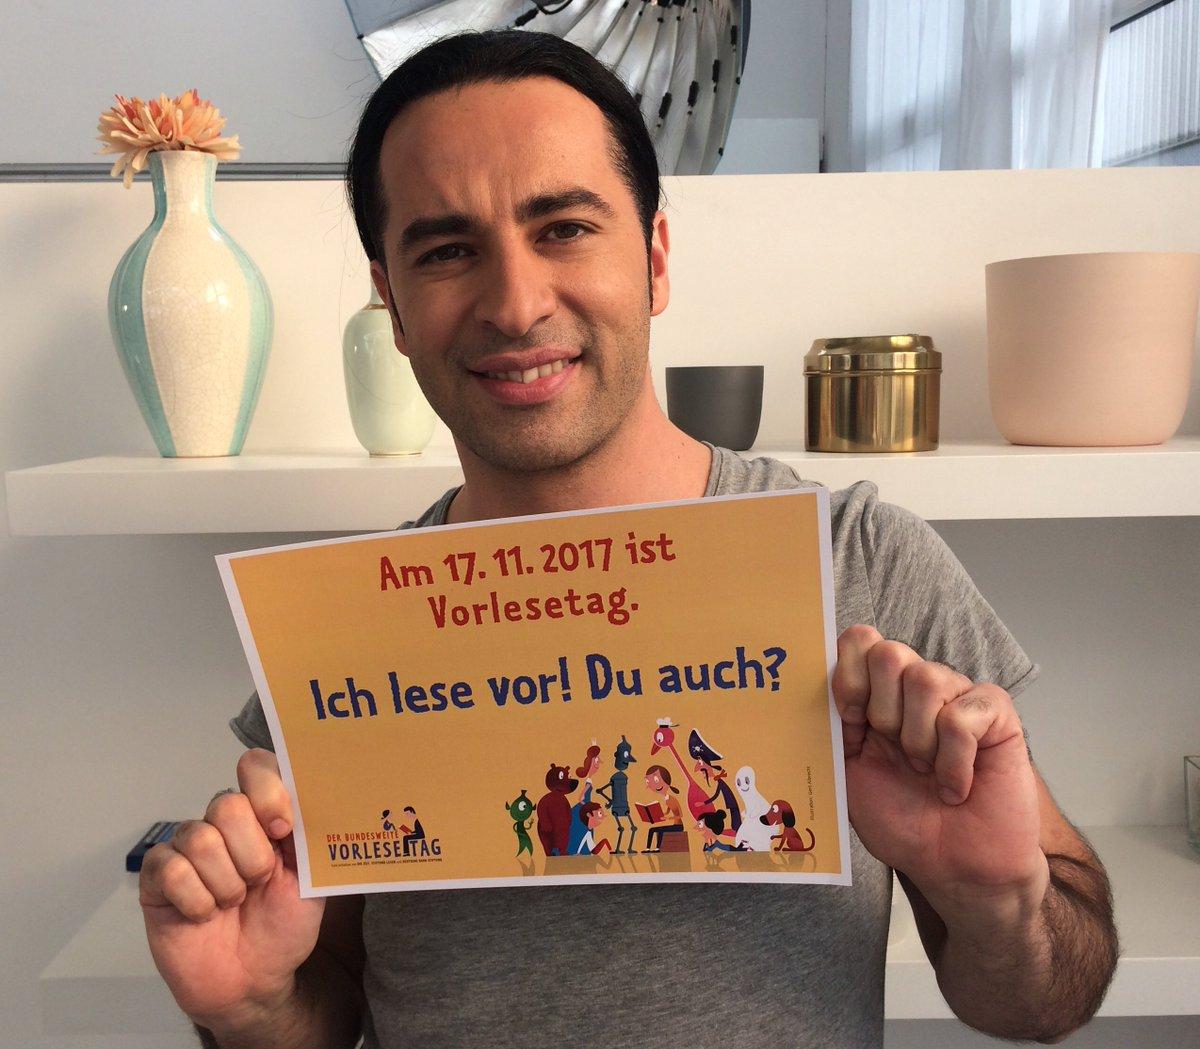 Wir müssen es schon mal loswerden: Für sein Engagement zeichnen wir mit der @CoBaStiftung unseren Lesebotschafter @buelent_ceylan im November mit dem Deutschen Lesepreis aus. https://t.co/iopJwGT3kA https://t.co/NSzGCzVslL